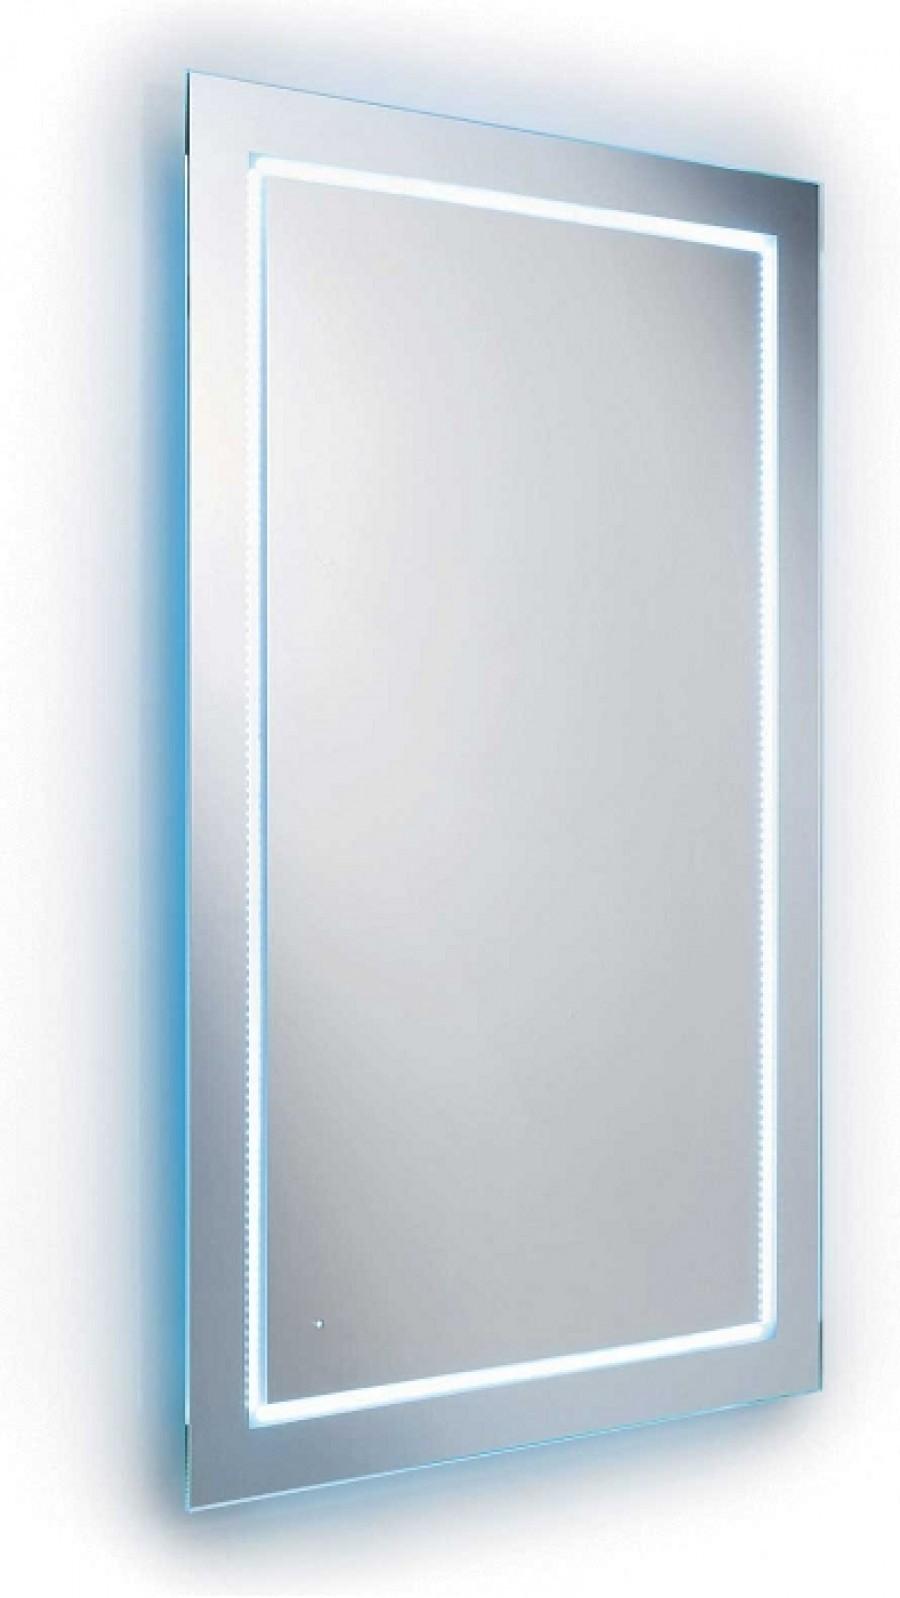 Miroir clairant avec leds blanches 70x80cm for Miroir eclairant